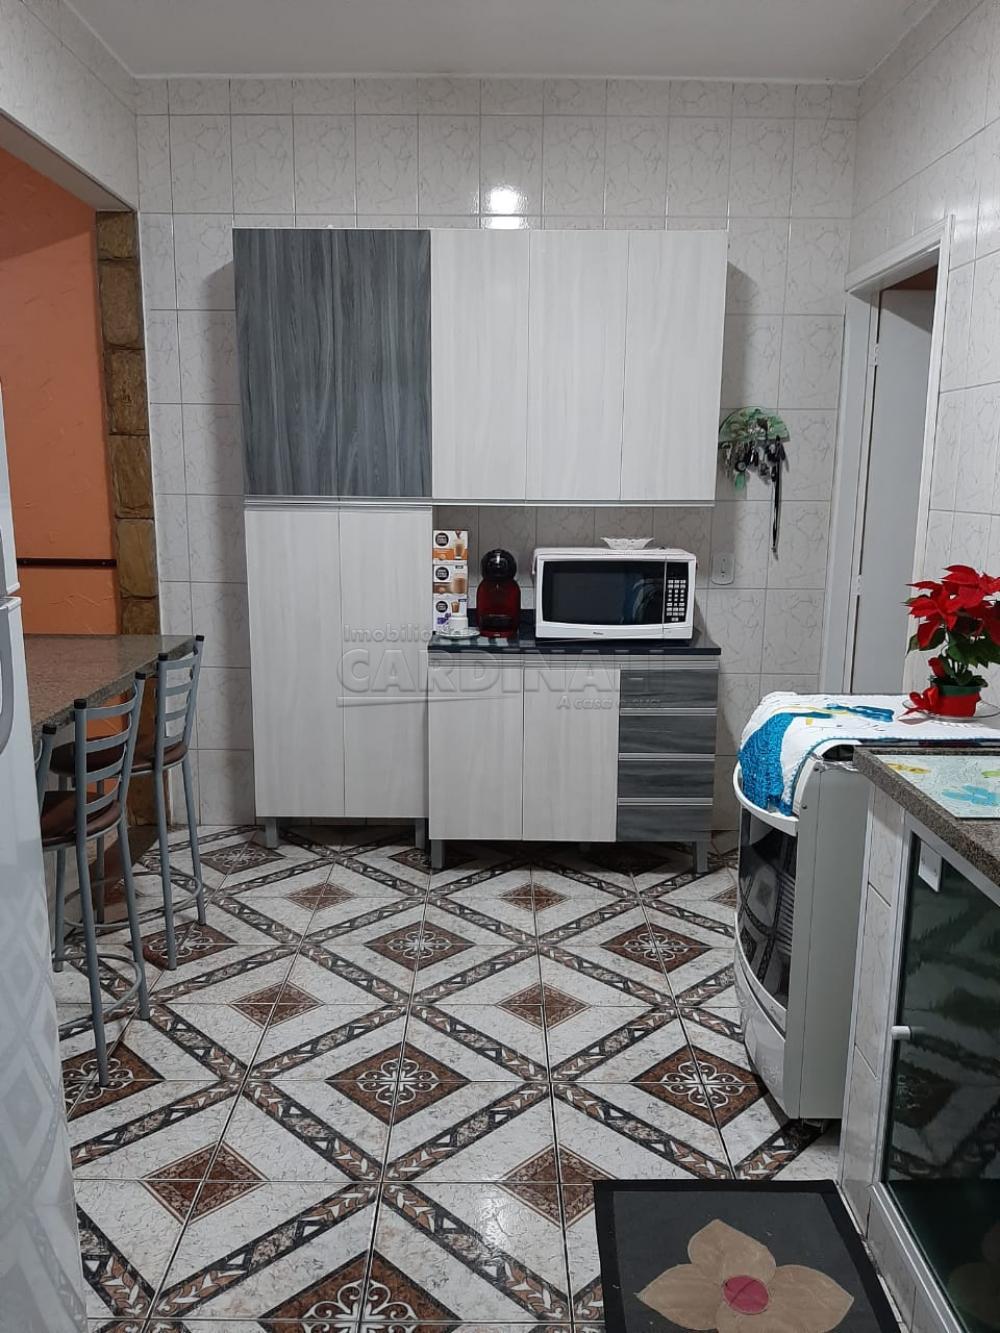 Comprar Casa / Padrão em São Carlos R$ 373.000,00 - Foto 12